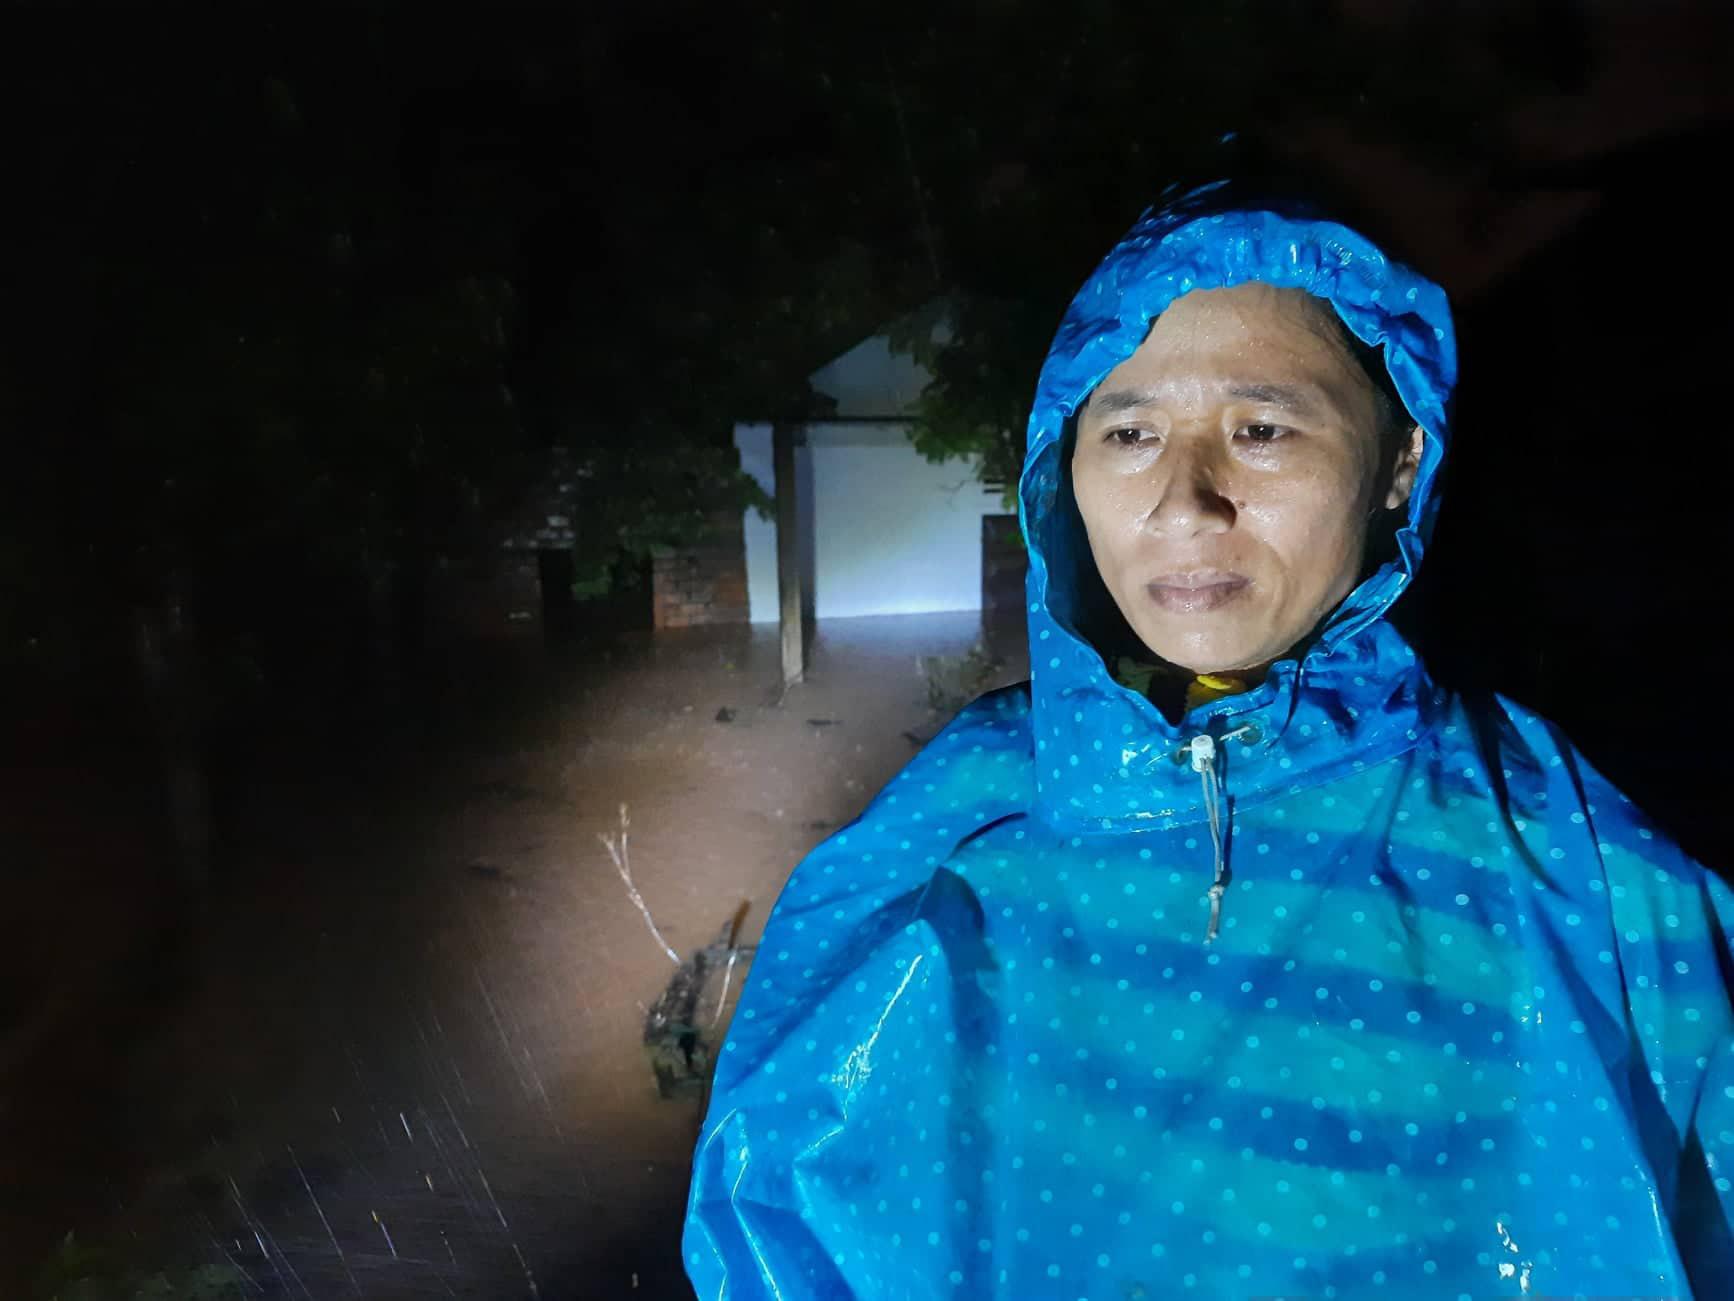 Quảng Trị: Người dân chạy lũ trong đêm, mong có cái ăn qua ngày - Ảnh 2.